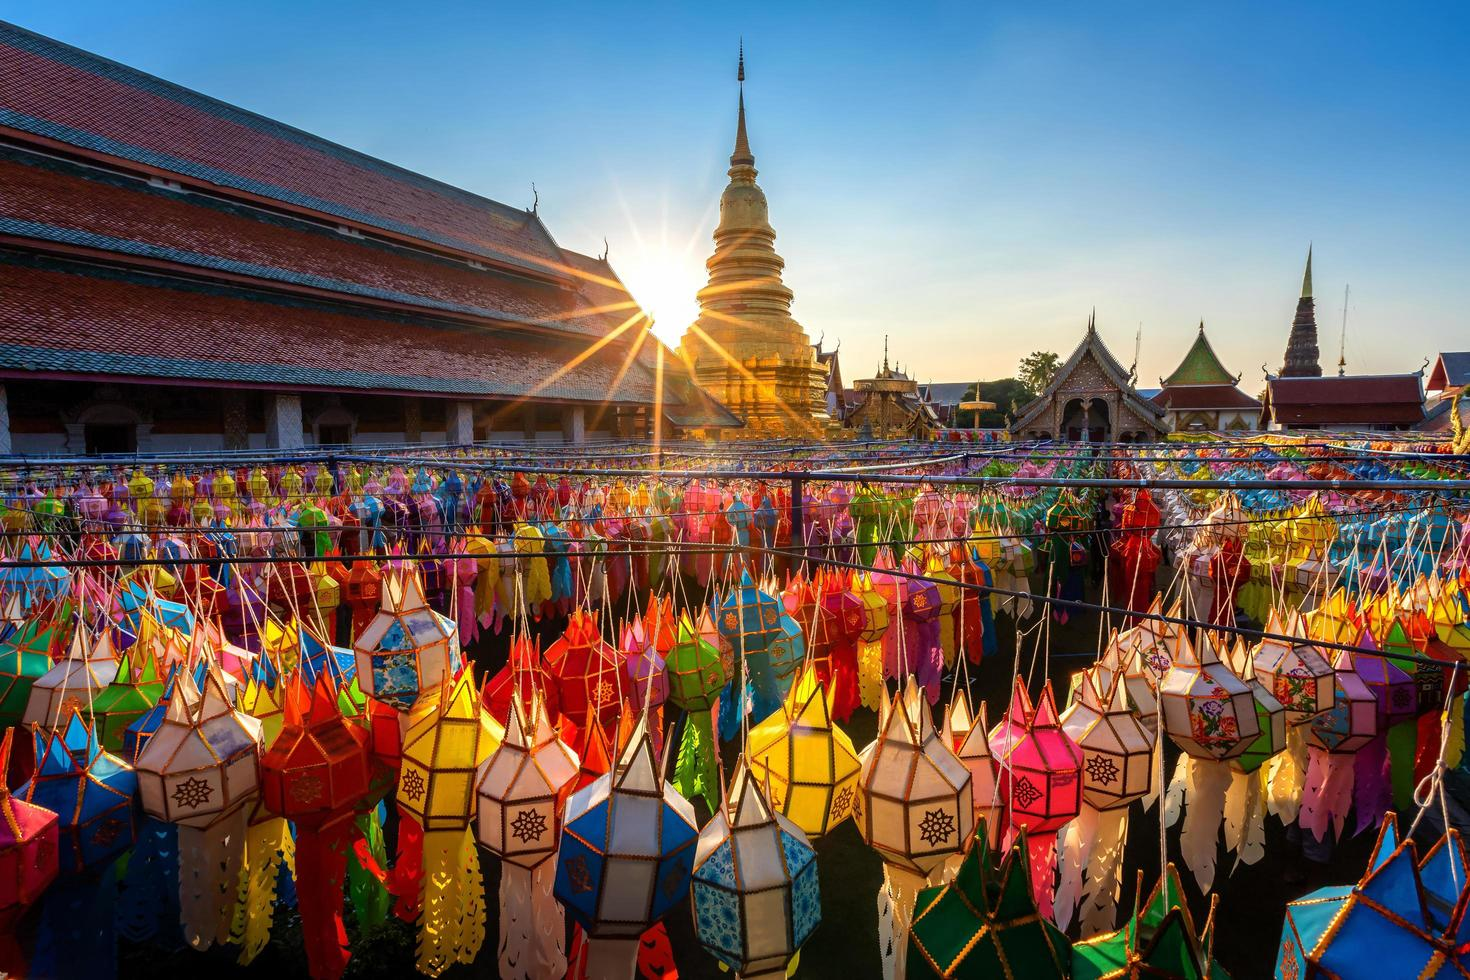 linternas coloridas cerca del templo budista en Lamphun, Tailandia. foto